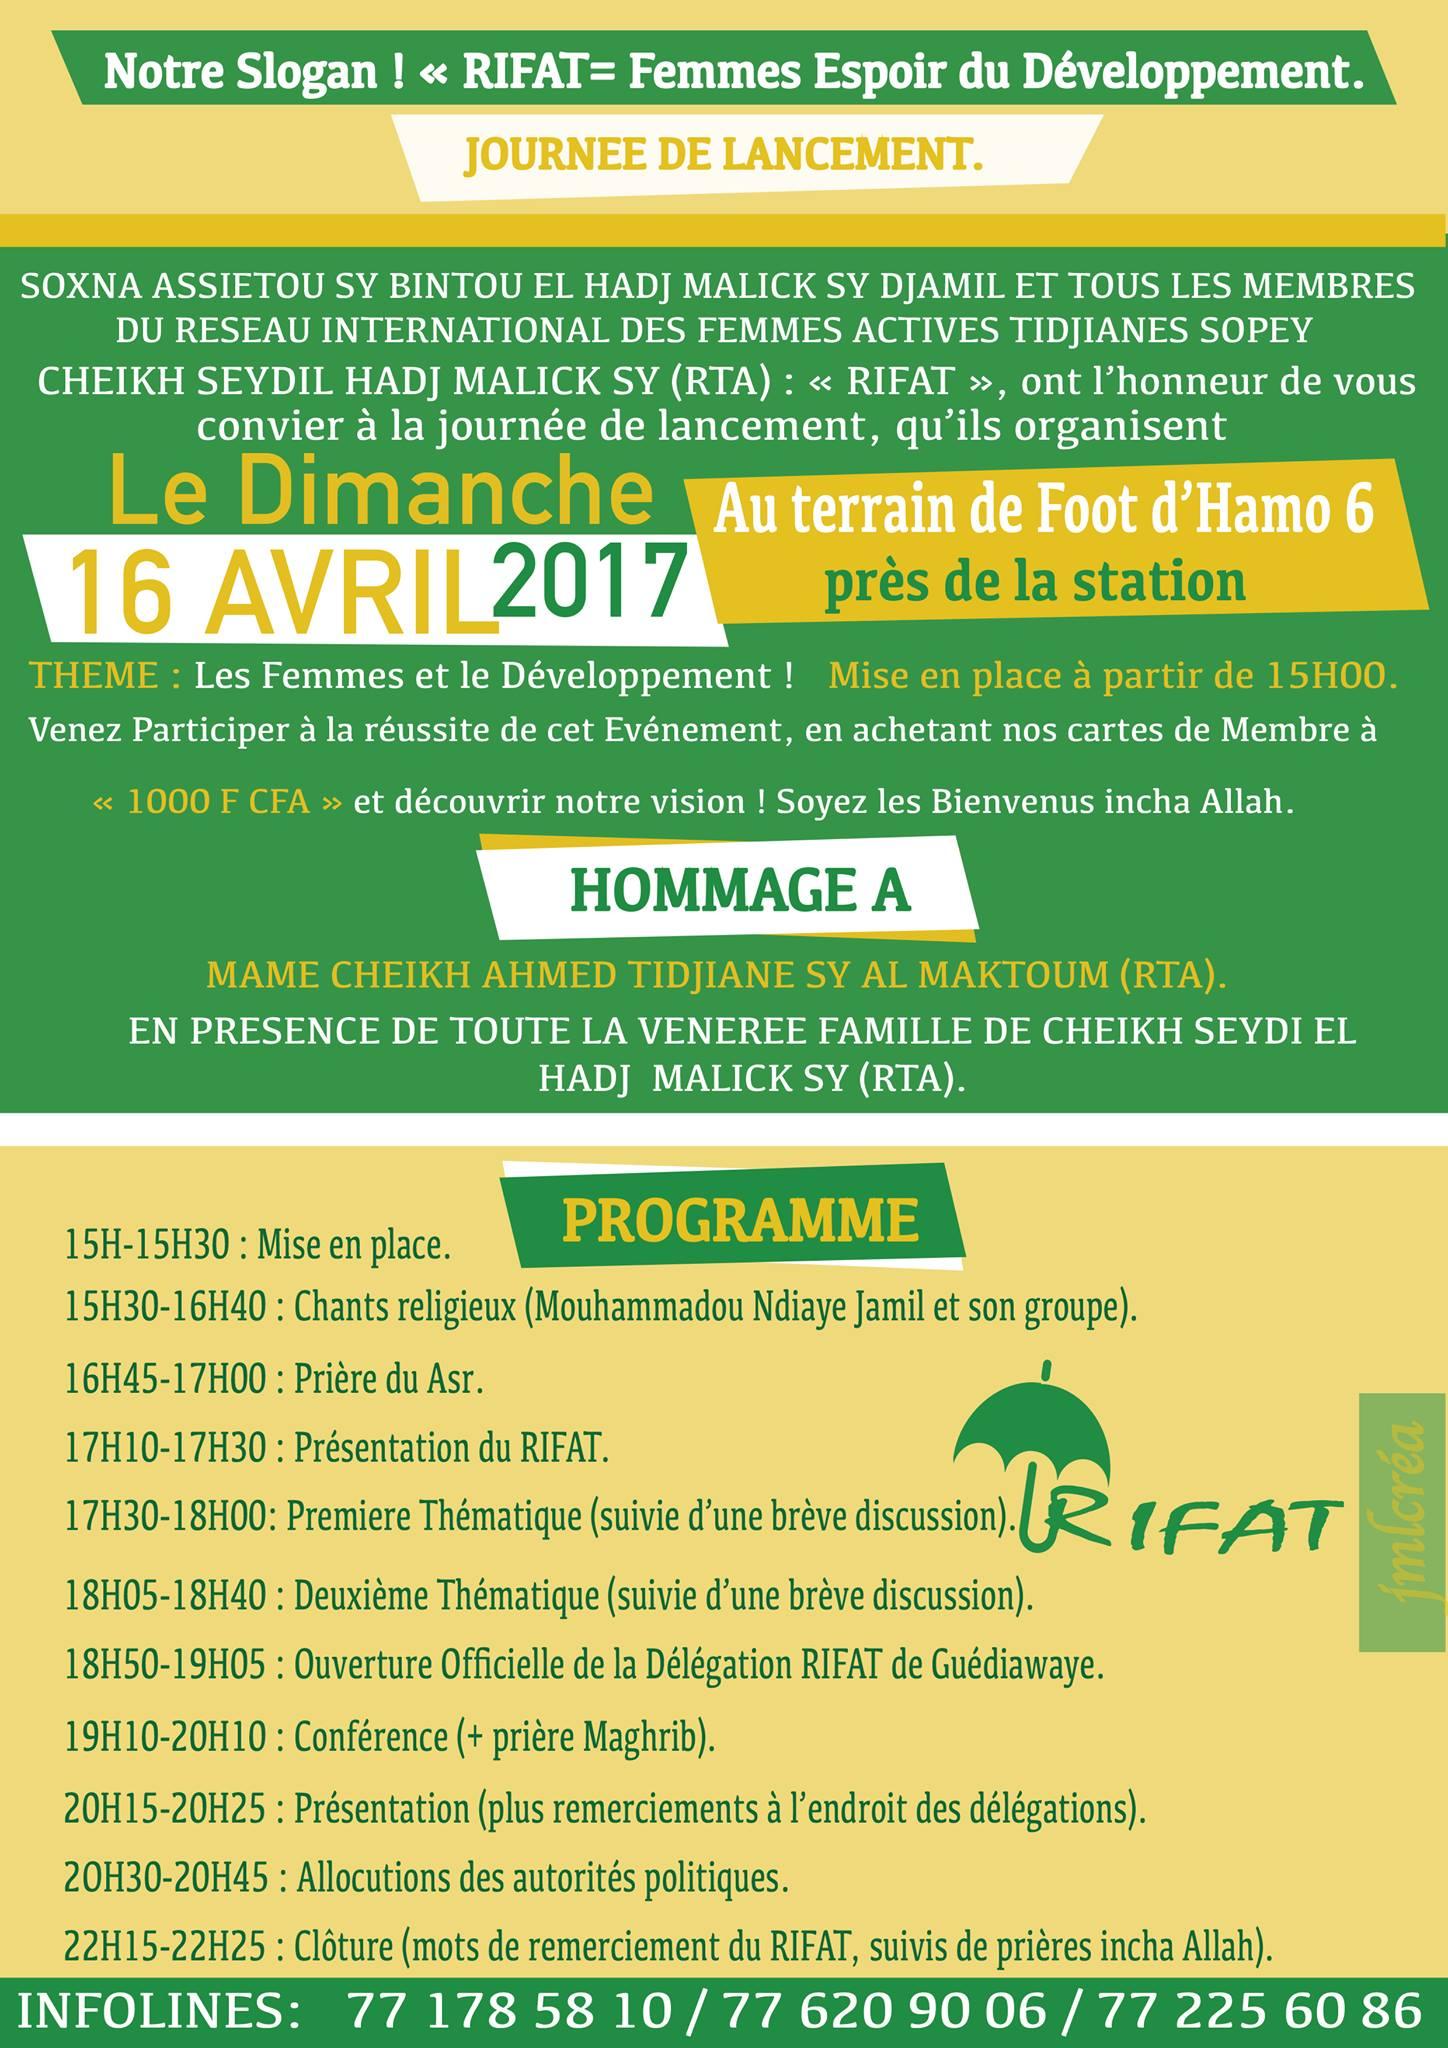 """Lancement des activités du Réseau International des Femmes Actives Tidjanes """"RIFAT"""", ce Dimanche 16 Avril 2017 à Hamo 6."""